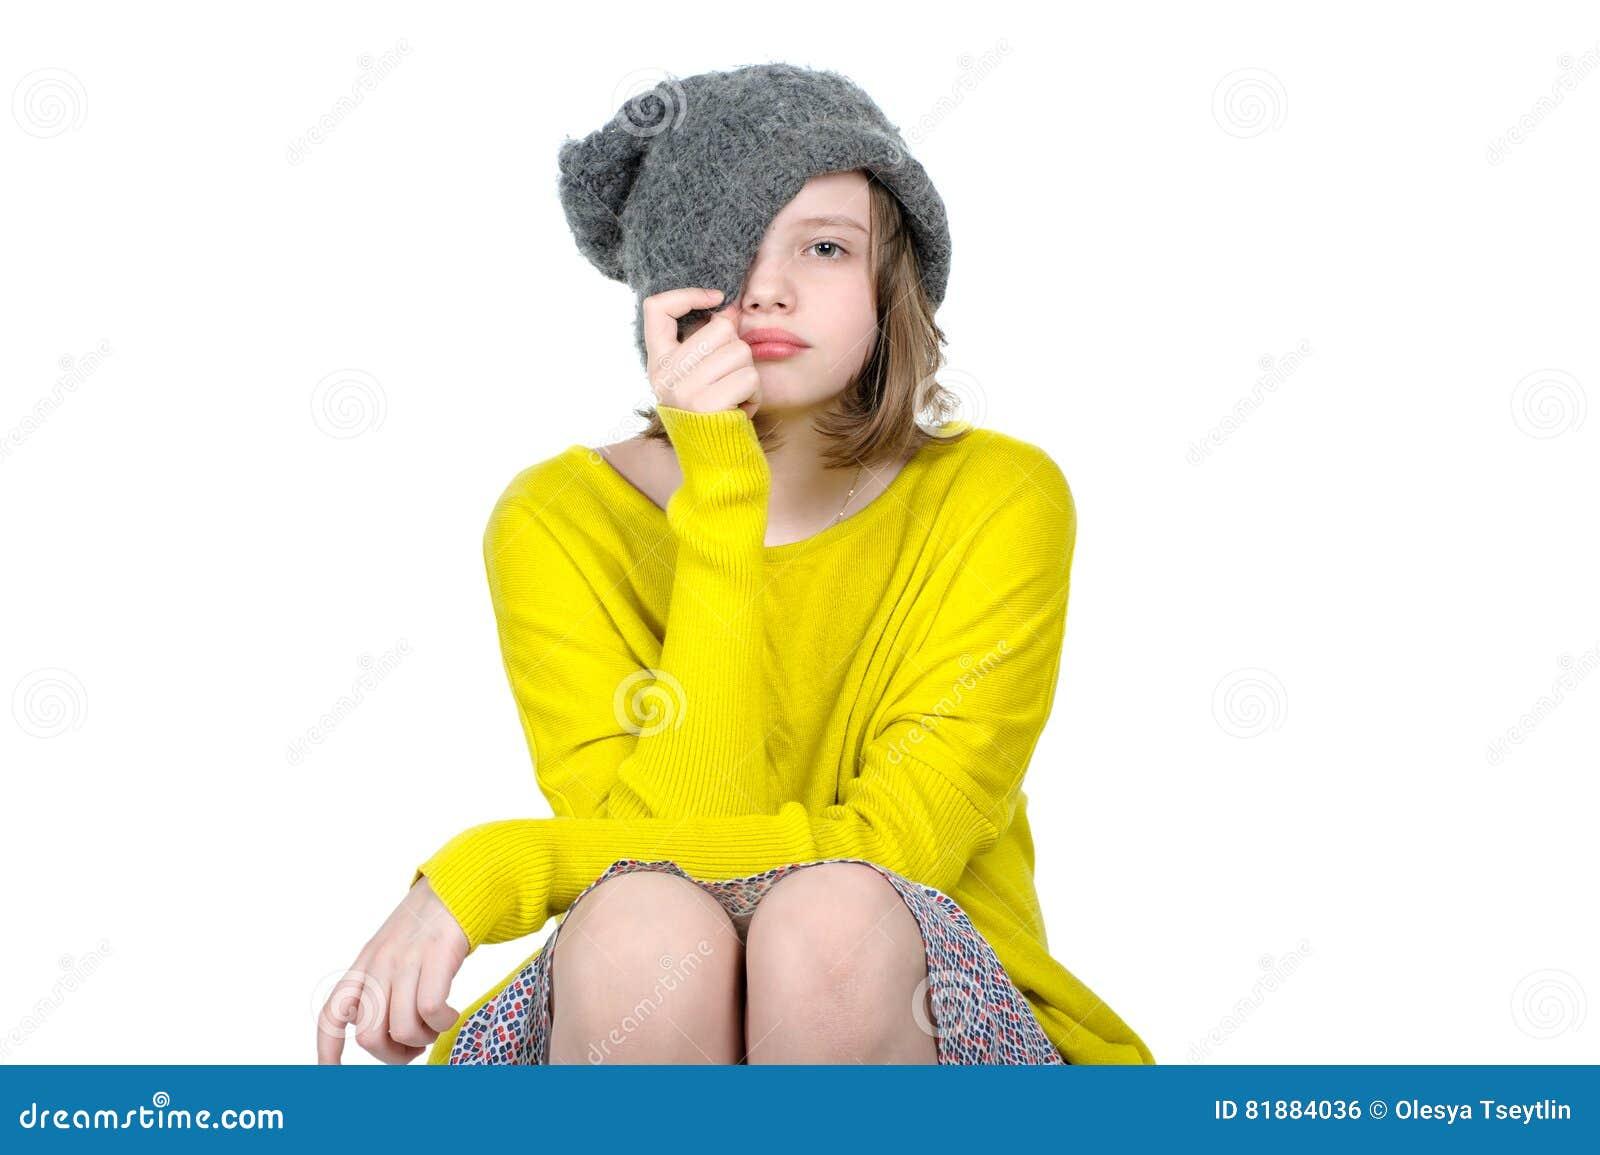 Retrato de uma menina adolescente bonito, que puxe seu tampão sobre sua cara